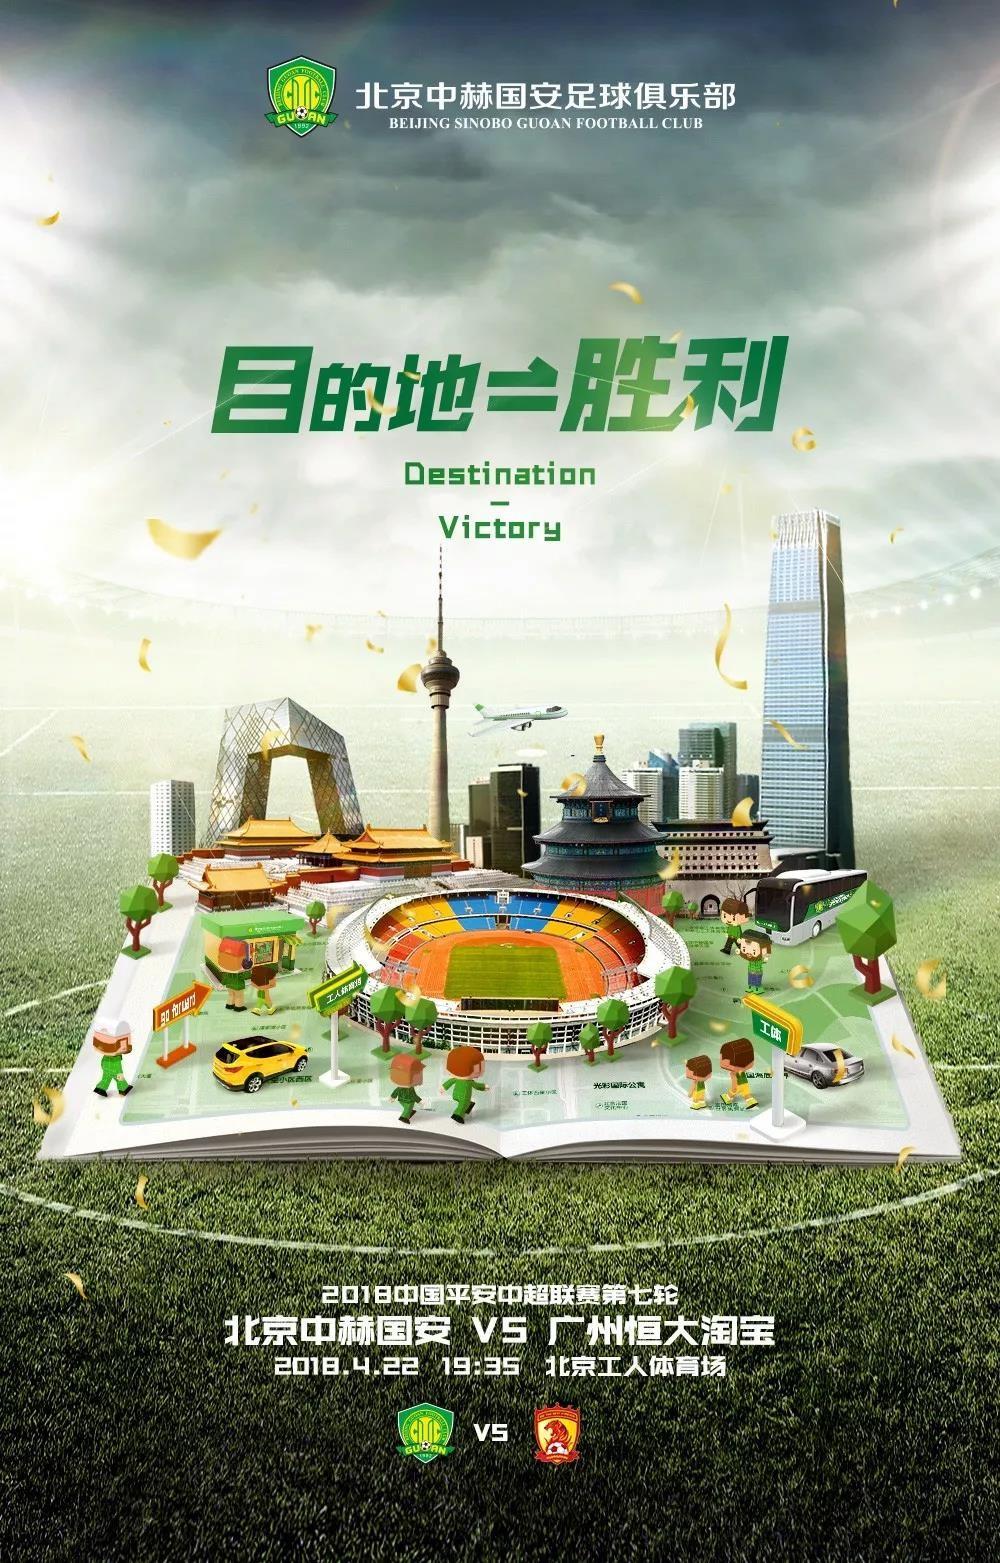 北京时间4月20日上午,北京中赫国安俱乐部官方发布了与广州恒大淘宝的赛前海报,主题是:目的地胜利。  在国安发布的海报中,北京的地标建筑包括天坛、央视大楼、故宫等尽收图中,工人体育场处在画面中央,卡通小人构成的球迷们正在往场内去,他们身穿绿色球衣,准备为国安呐喊助威。 国安官方用目的地胜利作为主题,象征着一辆列车,路过了北京的地标建筑,在工体最终停留后,获得了胜利。 目前,国安在联赛遭遇两连平,后防线的问题集中暴露,而恒大方面则是状态正佳,不过他们将面临阿兰停赛的困境。此外,国安主帅施密特的上任